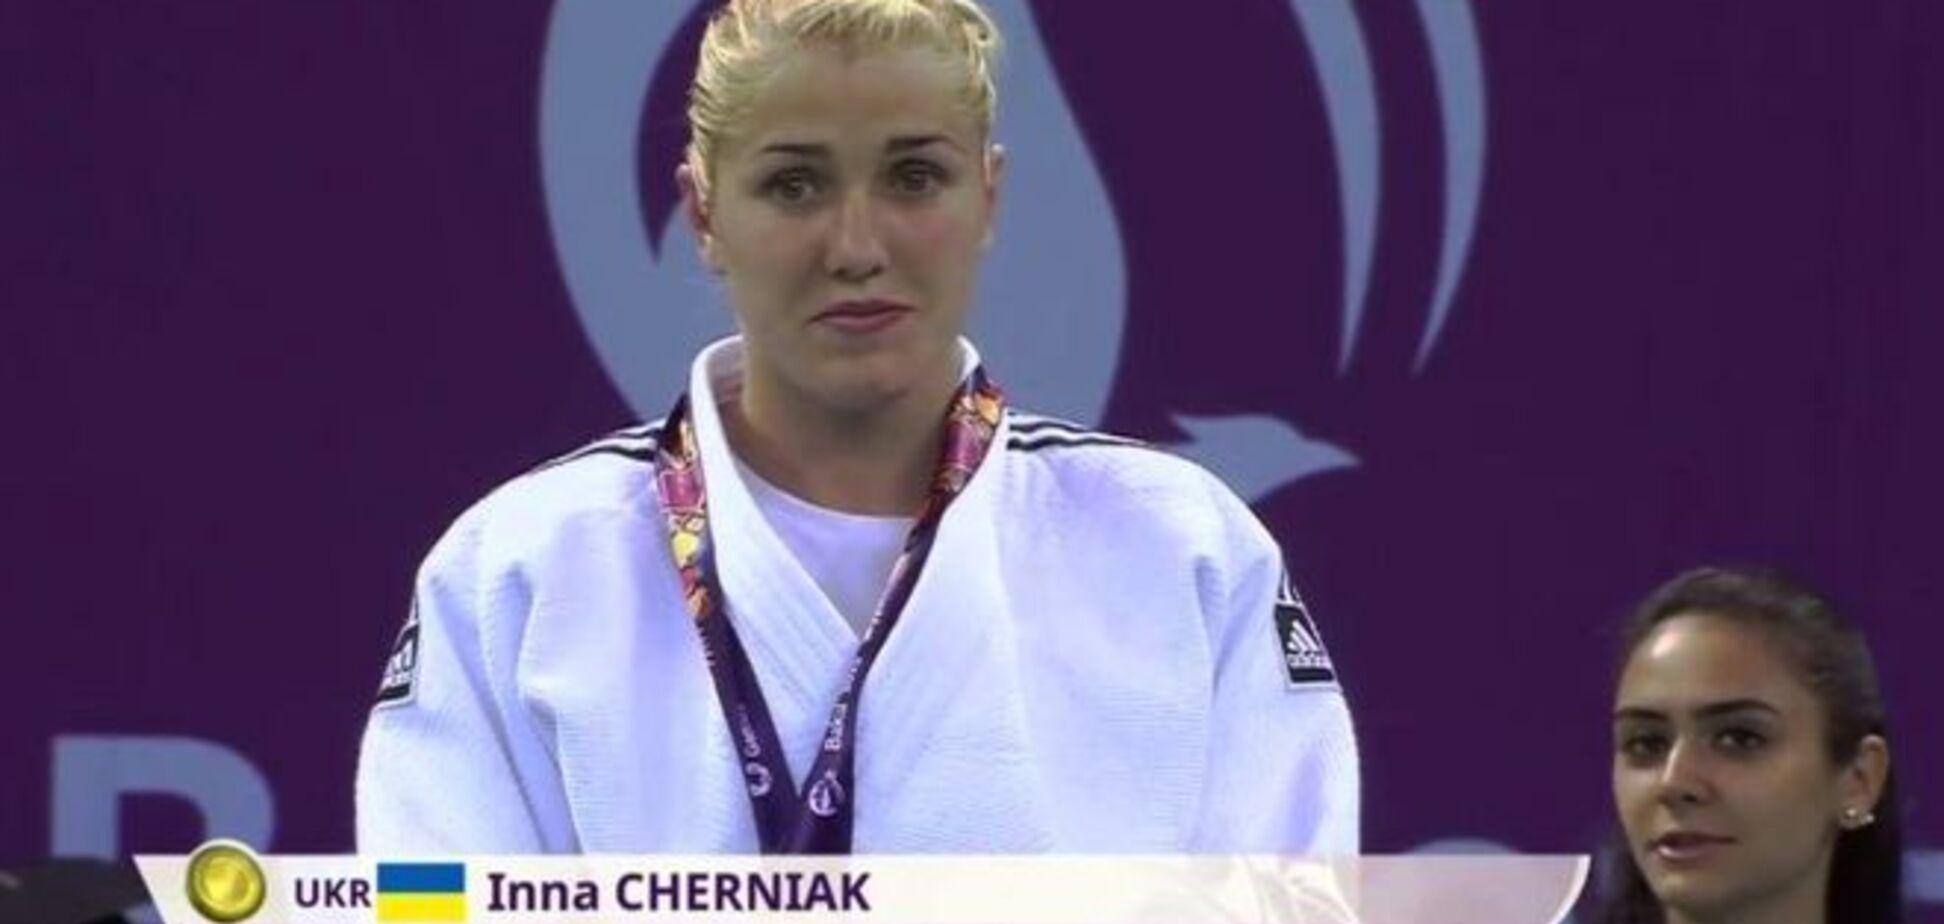 Украина завоевала шесть медалей на Европейских играх. Итоги 14-го дня в Баку